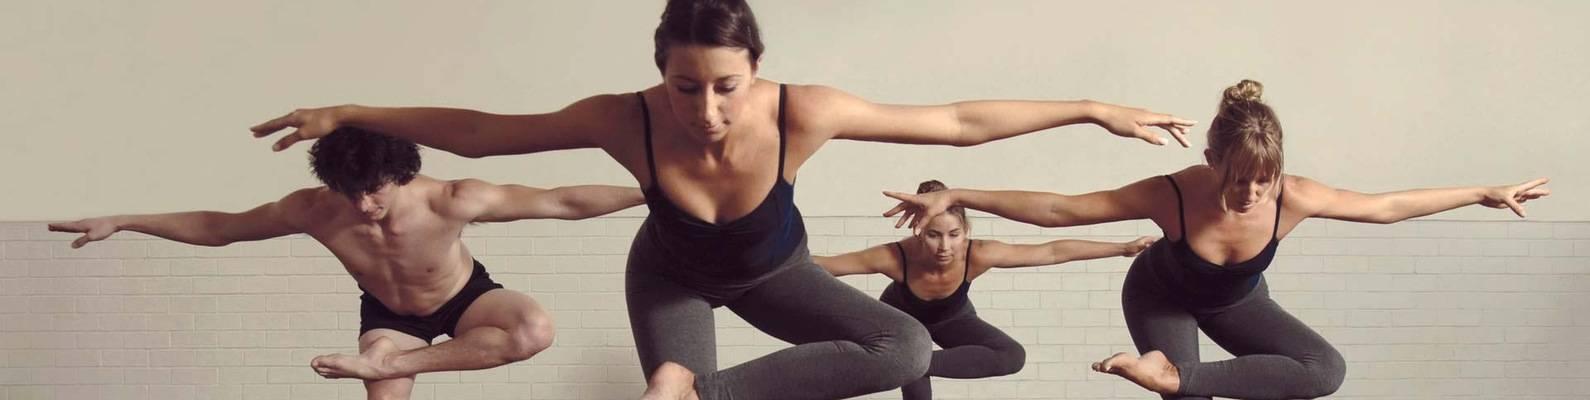 Пор де бра: новое направление фитнеса